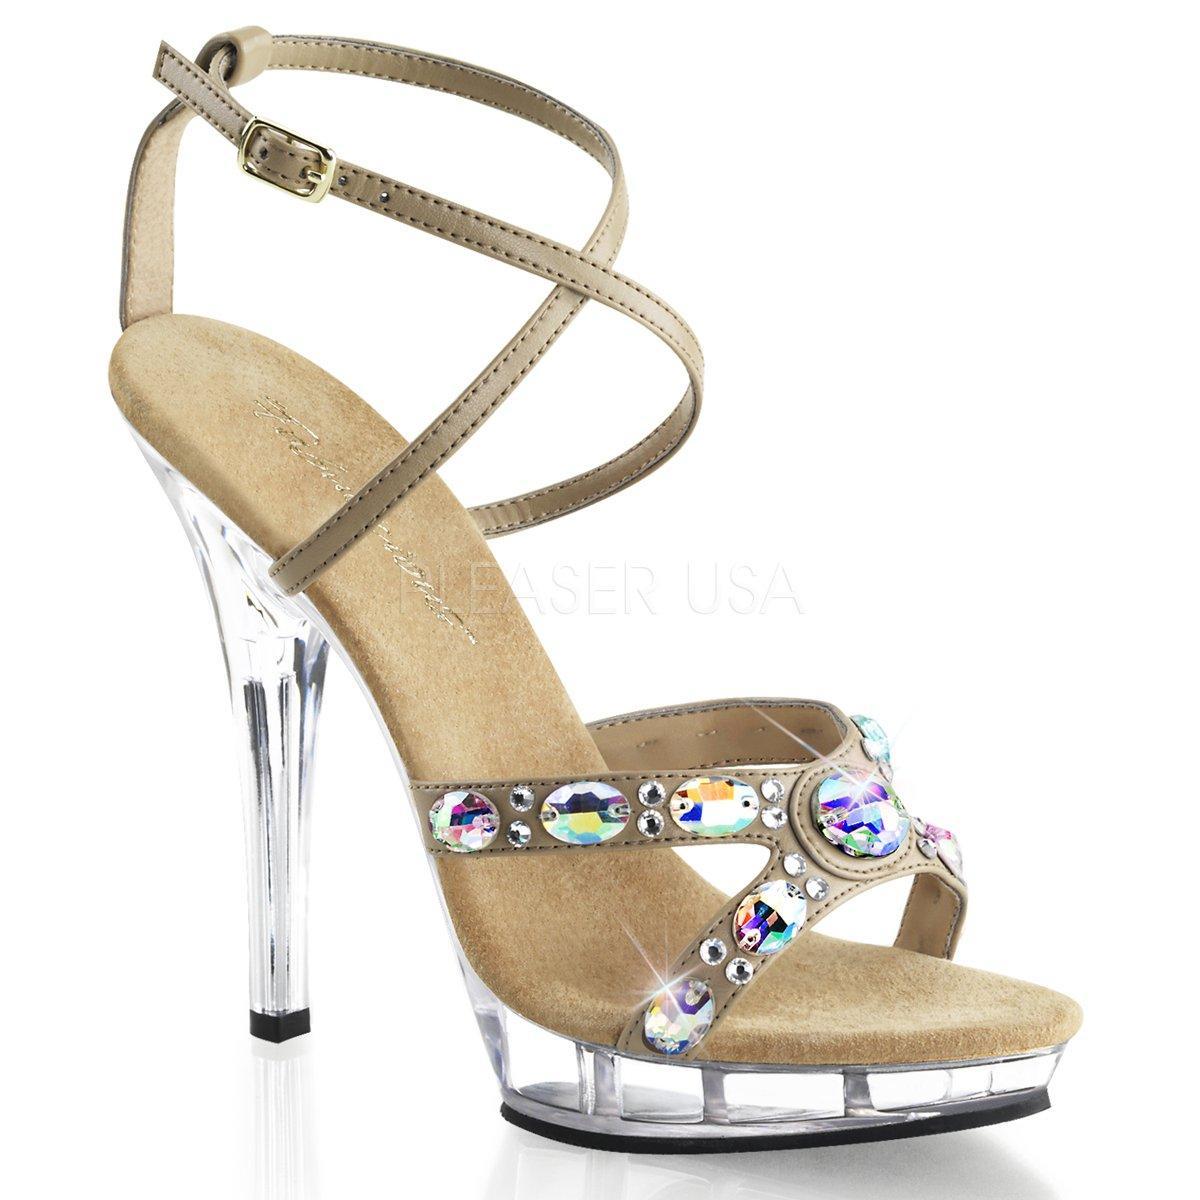 790138bb7015 LIP-145 Luxusní hnědé plesové sandálky na podpatku zdobené velkými kameny